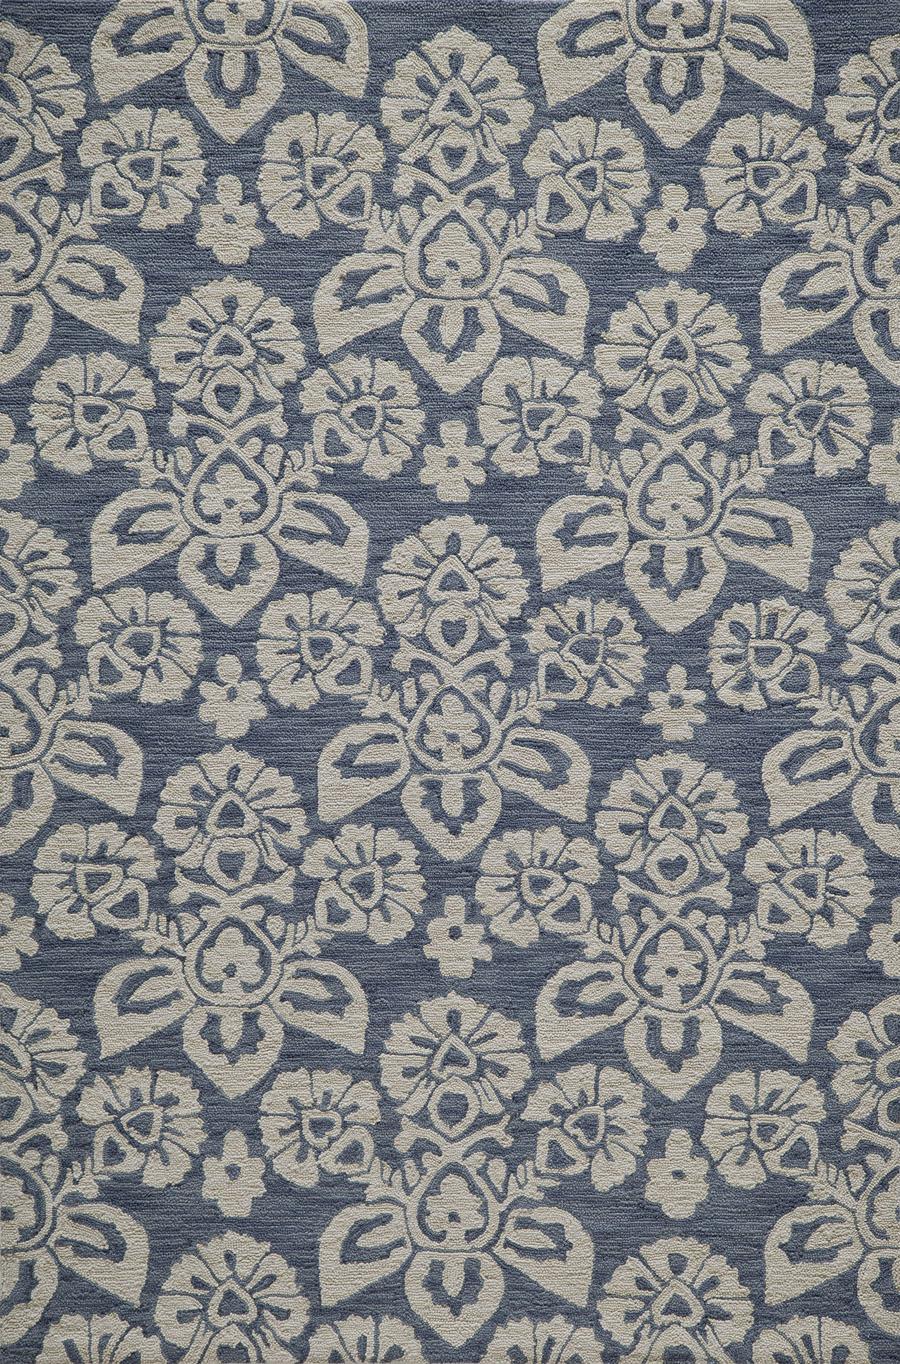 Momeni summit sum18 navy rug for Momeni rugs